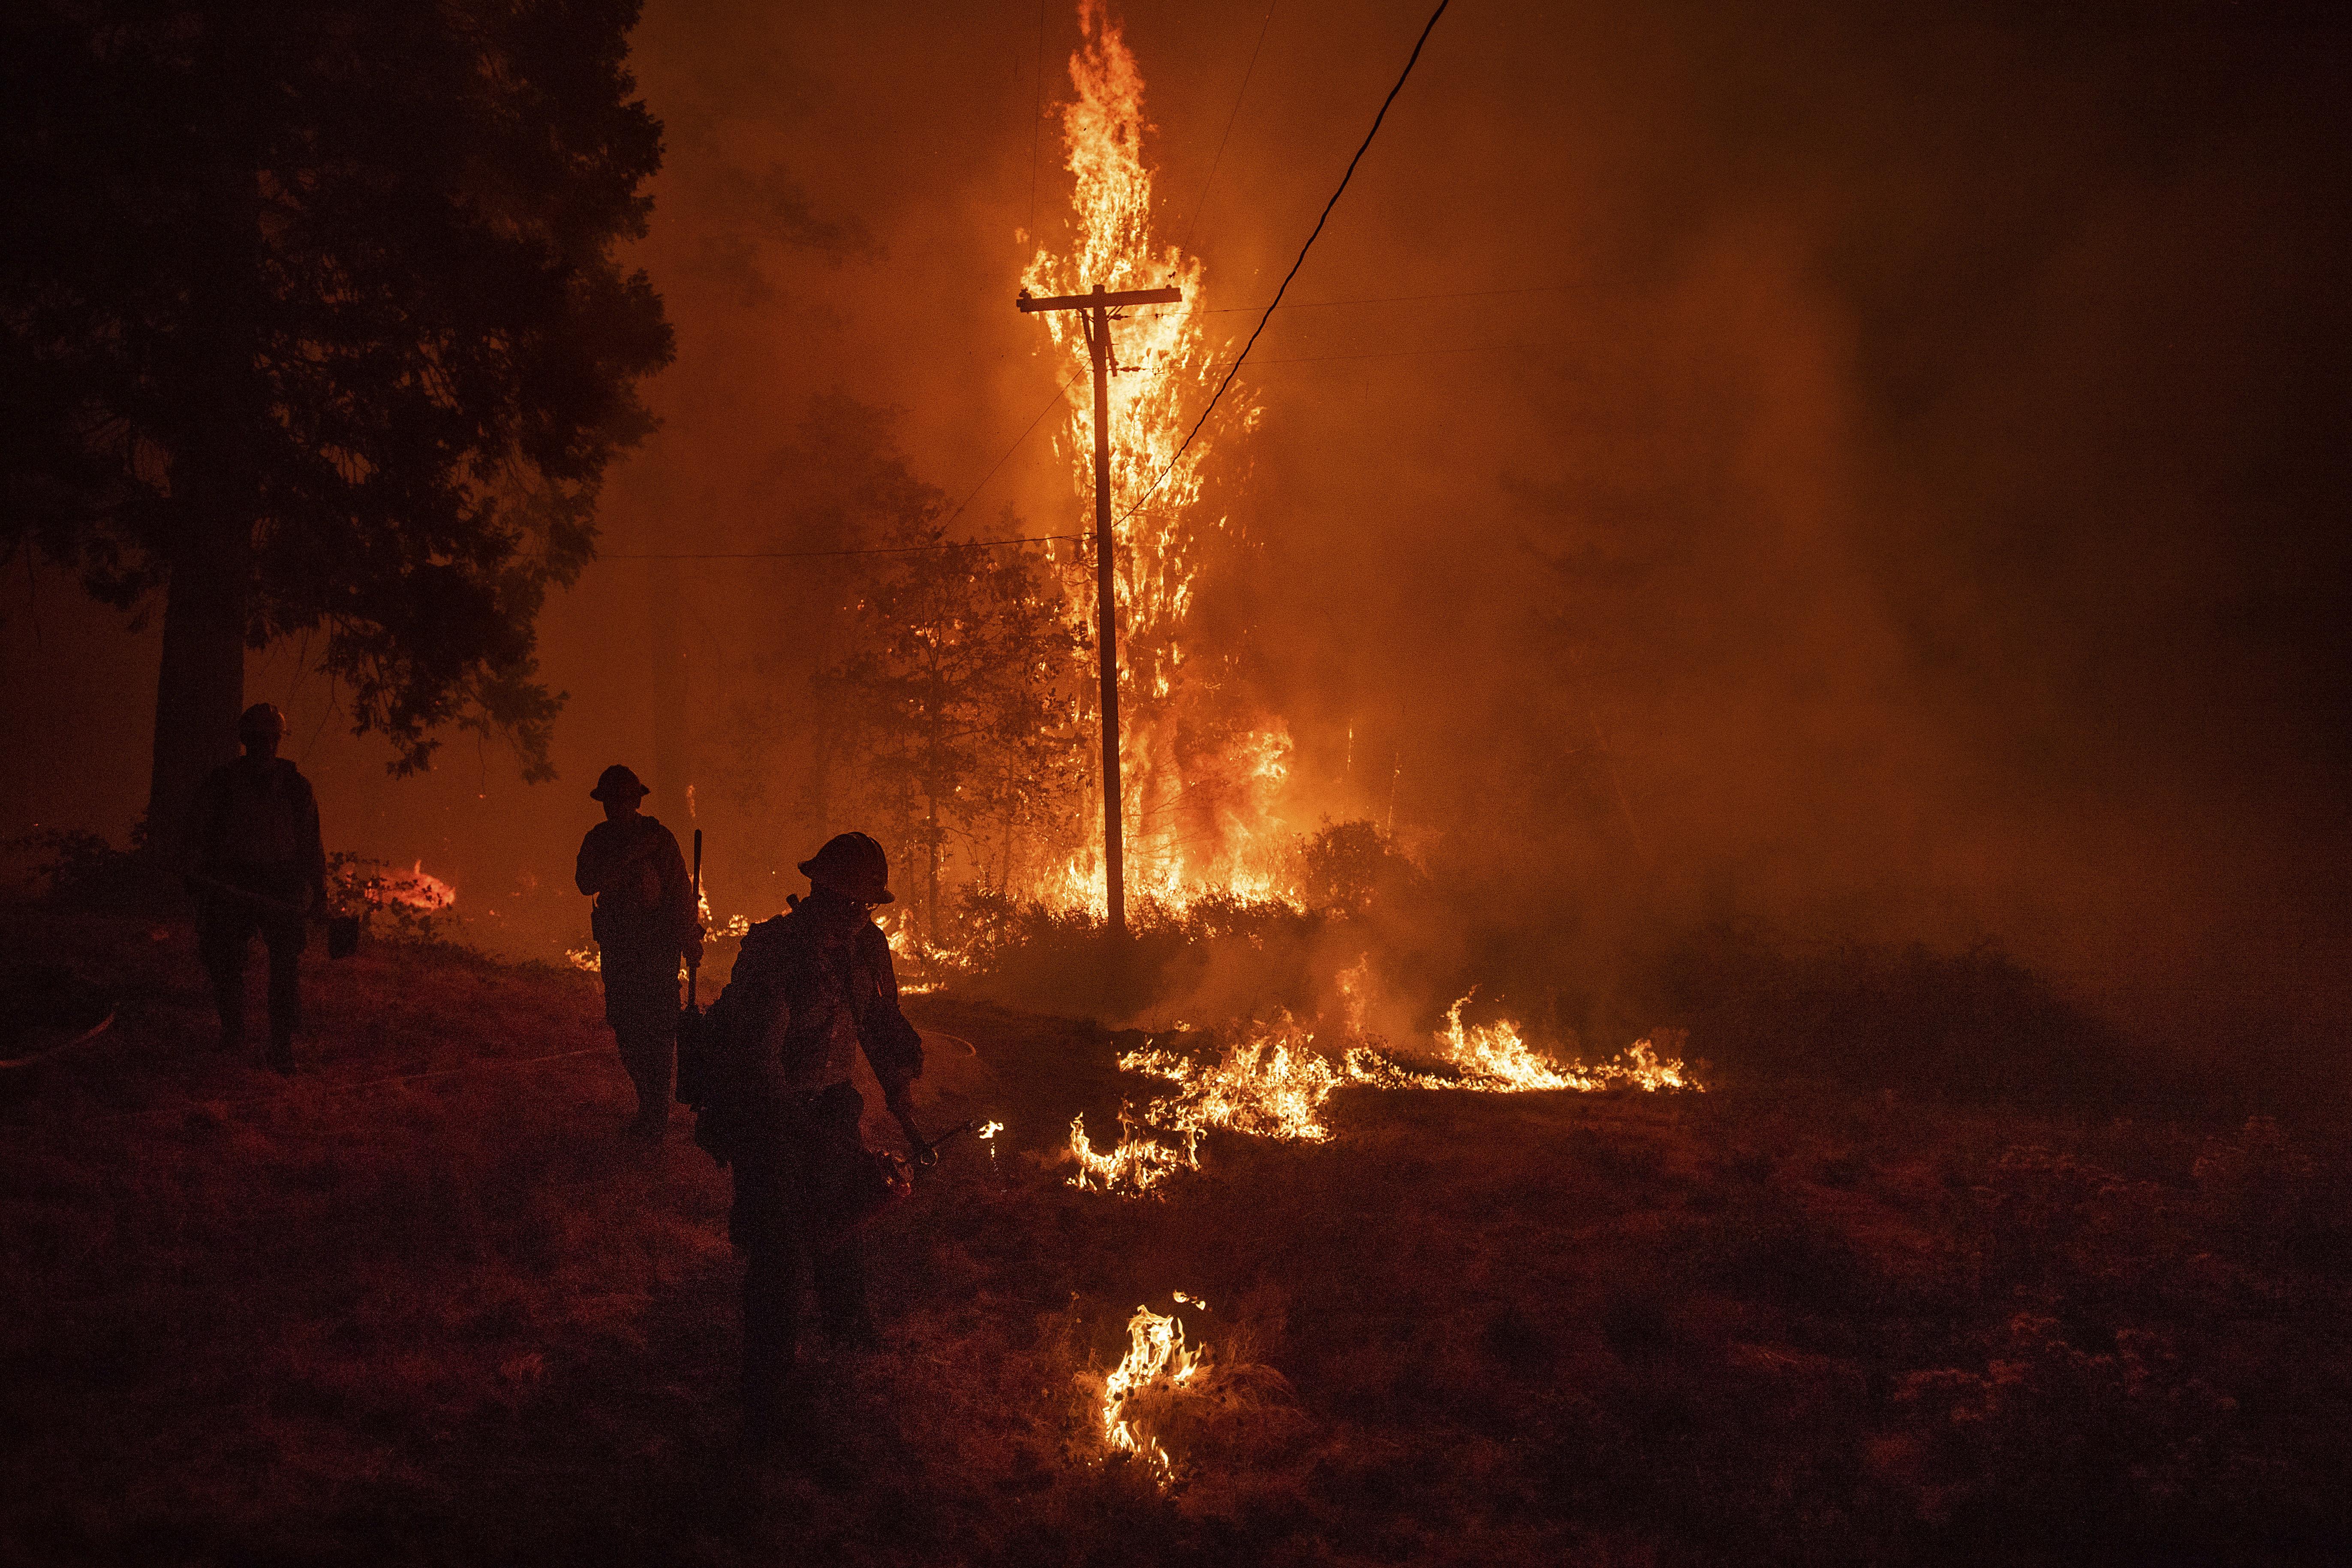 pyrini-kolasi-stin-kalifornia-25-nekroi-amp-8211-anypologistes-katastrofes-fotografies2